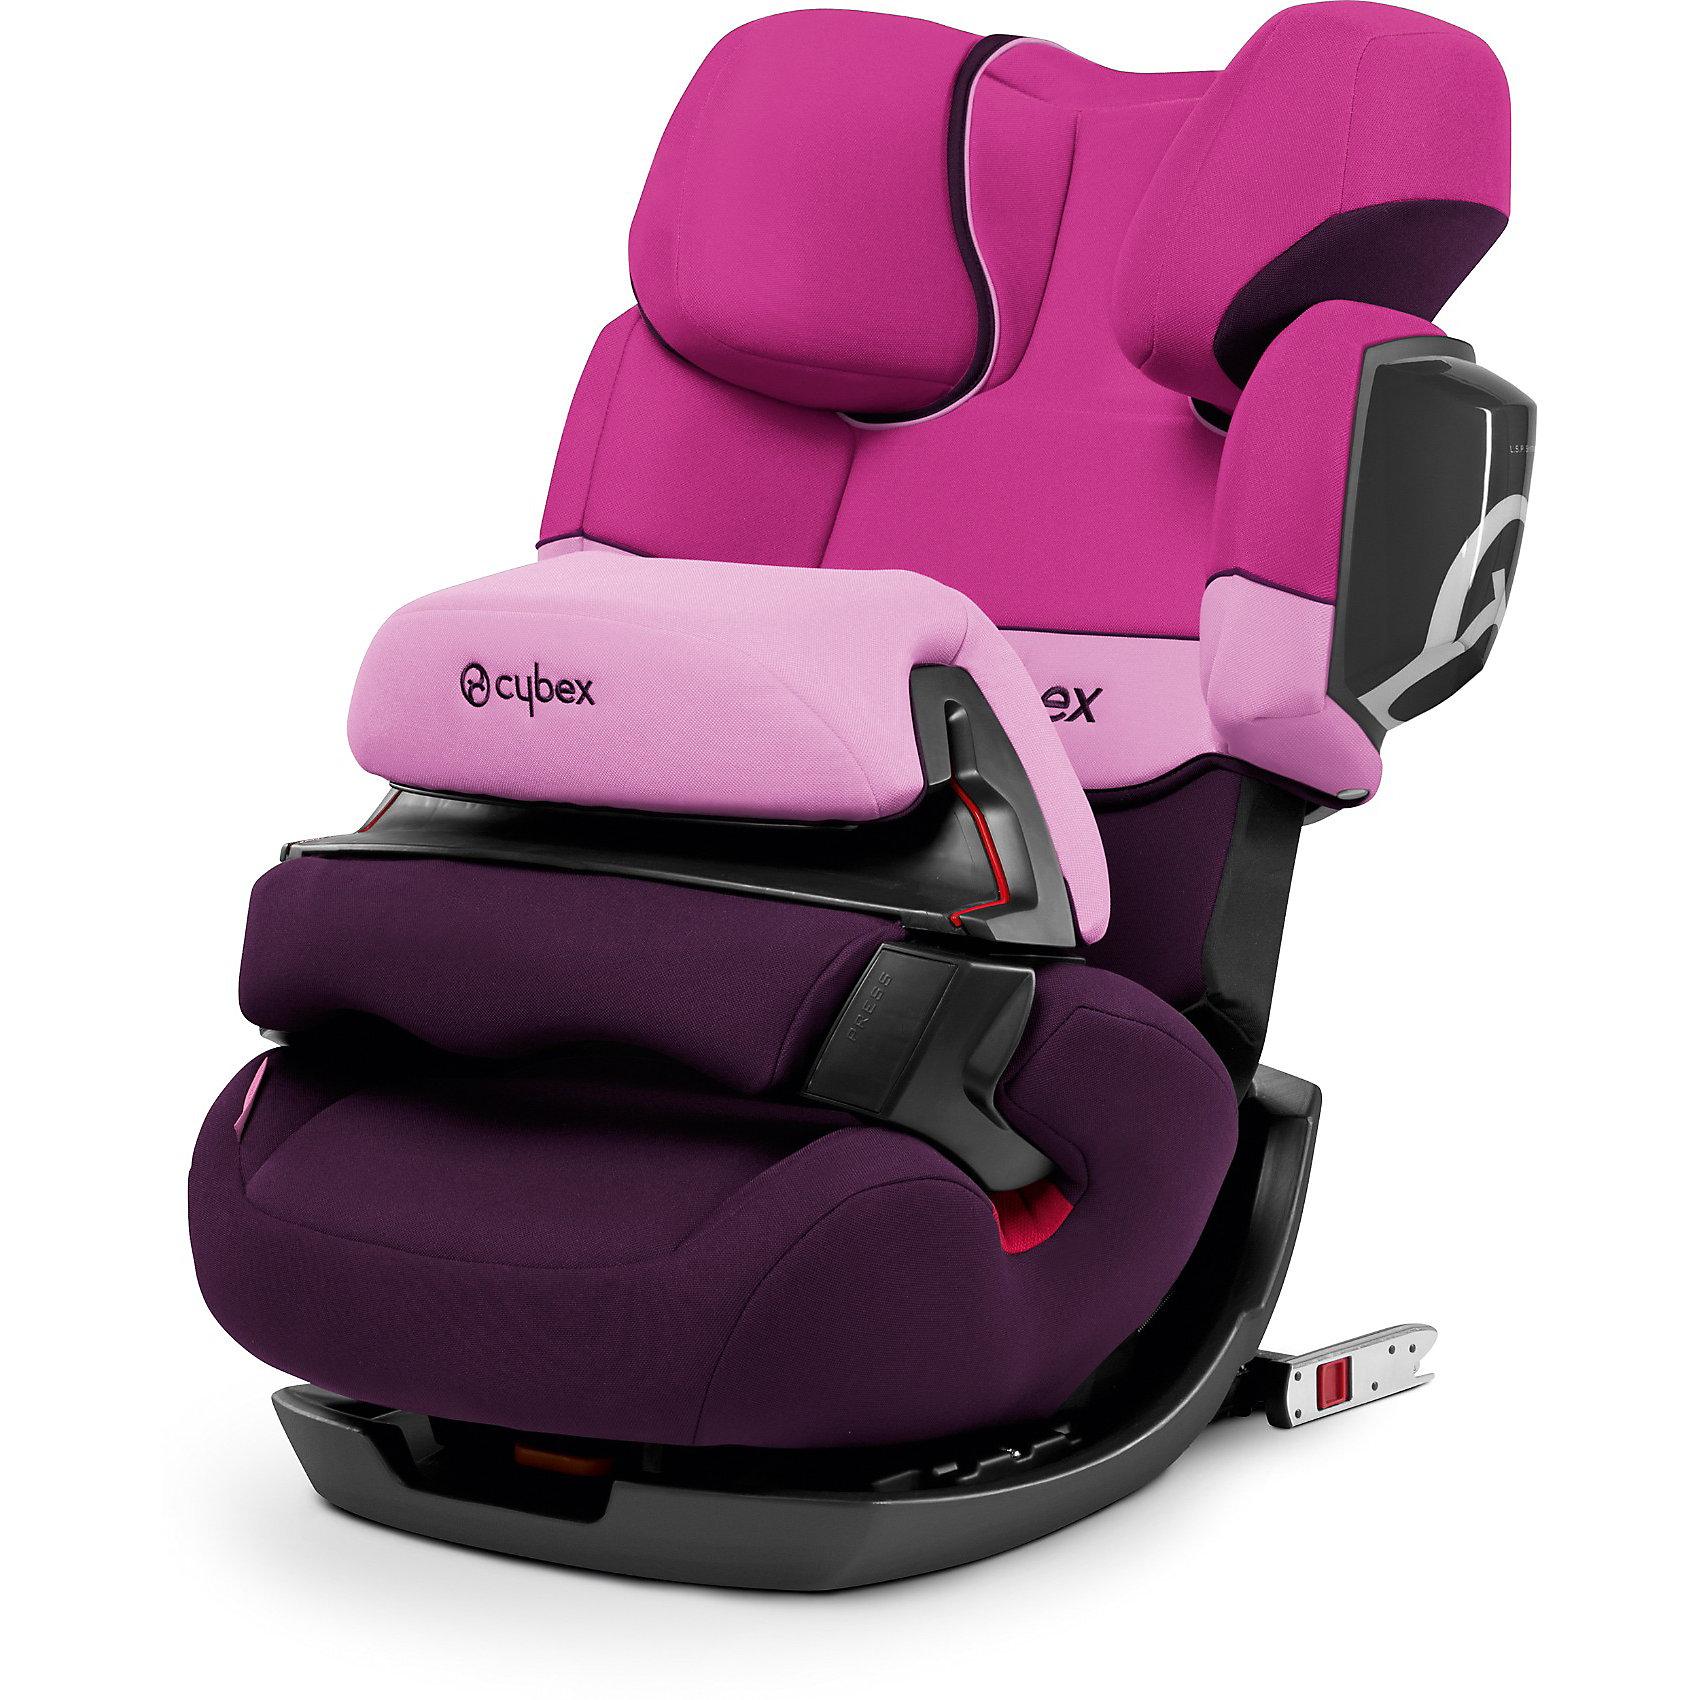 Автокресло Pallas 2-Fix, 9-36 кг., Cybex, Purple RainУдобное надежное автокресло позволит перевозить ребенка, не беспокоясь при этом о его безопасности. Оно предназначено для предназначено для детей весом до 36 килограмм, можно использовать уже для 9-месячных малышей. Такое кресло обеспечит малышу не только безопасность, но и комфорт (регулируемая высота подголовника). Вместо пятиточечных ремней ребенок фиксируется при помощи защитного столика, не ограничивая ему свободы движений. Кресло легко трансформируется по мере вырастания ребенка.<br>Автокресло устанавливают по ходу движения. Такое кресло дает возможность свободно путешествовать, ездить в гости и при этом  быть рядом с малышом. Конструкция - очень удобная и прочная. Изделие произведено из качественных и безопасных для малышей материалов, оно соответствуют всем современным требованиям безопасности. Оно отлично показало себя на краш-тестах.<br> <br>Дополнительная информация:<br><br>цвет: сиреневый;<br>материал: текстиль, пластик;<br>вес ребенка: до 36 кг (9 месяцев - 12 лет);<br>регулируемая подушка безопасности;<br>регулируемый по высоте подголовник;<br>съемный чехол;<br>по мере взросления ребенка трансформируется в бустер; <br>регулировка положения автокресла одной рукой;<br>регулируемый угол наклона;<br>можно использовать со штатными ремнями или с дополнительной базой;<br>крепление по ходу движения;<br>система защиты от боковых ударов;<br>соответствие Европейскому стандарту безопасности ЕСЕ R44/04.<br><br>АвтокреслоJuno Pallas 2-Fix, Purple Rain, от компании Cybex можно купить в нашем магазине.<br><br>Ширина мм: 740<br>Глубина мм: 470<br>Высота мм: 450<br>Вес г: 12900<br>Цвет: лиловый<br>Возраст от месяцев: 9<br>Возраст до месяцев: 144<br>Пол: Женский<br>Возраст: Детский<br>SKU: 3722564